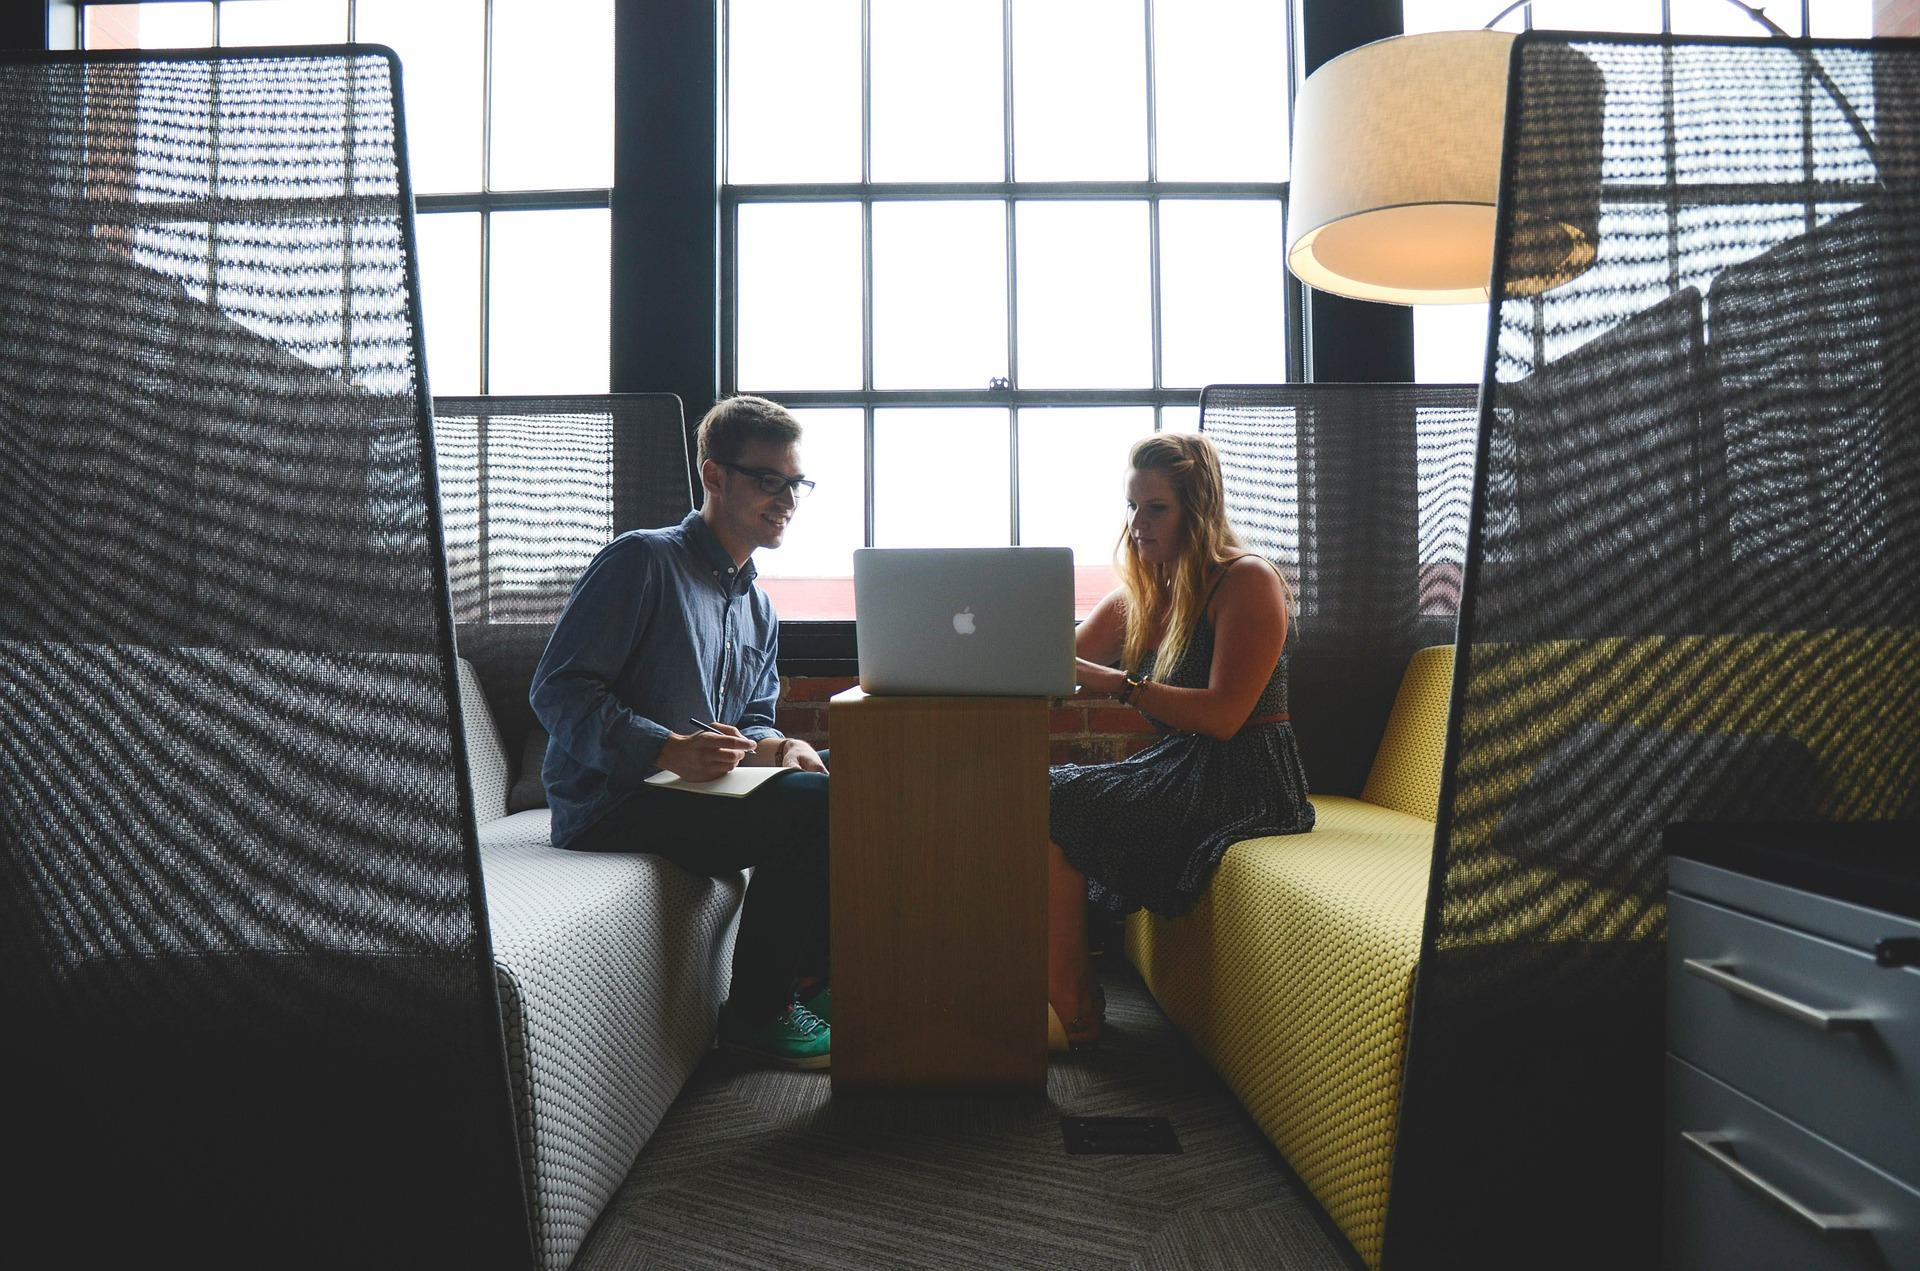 un homme et une femme face à face devant un ordinateur portable